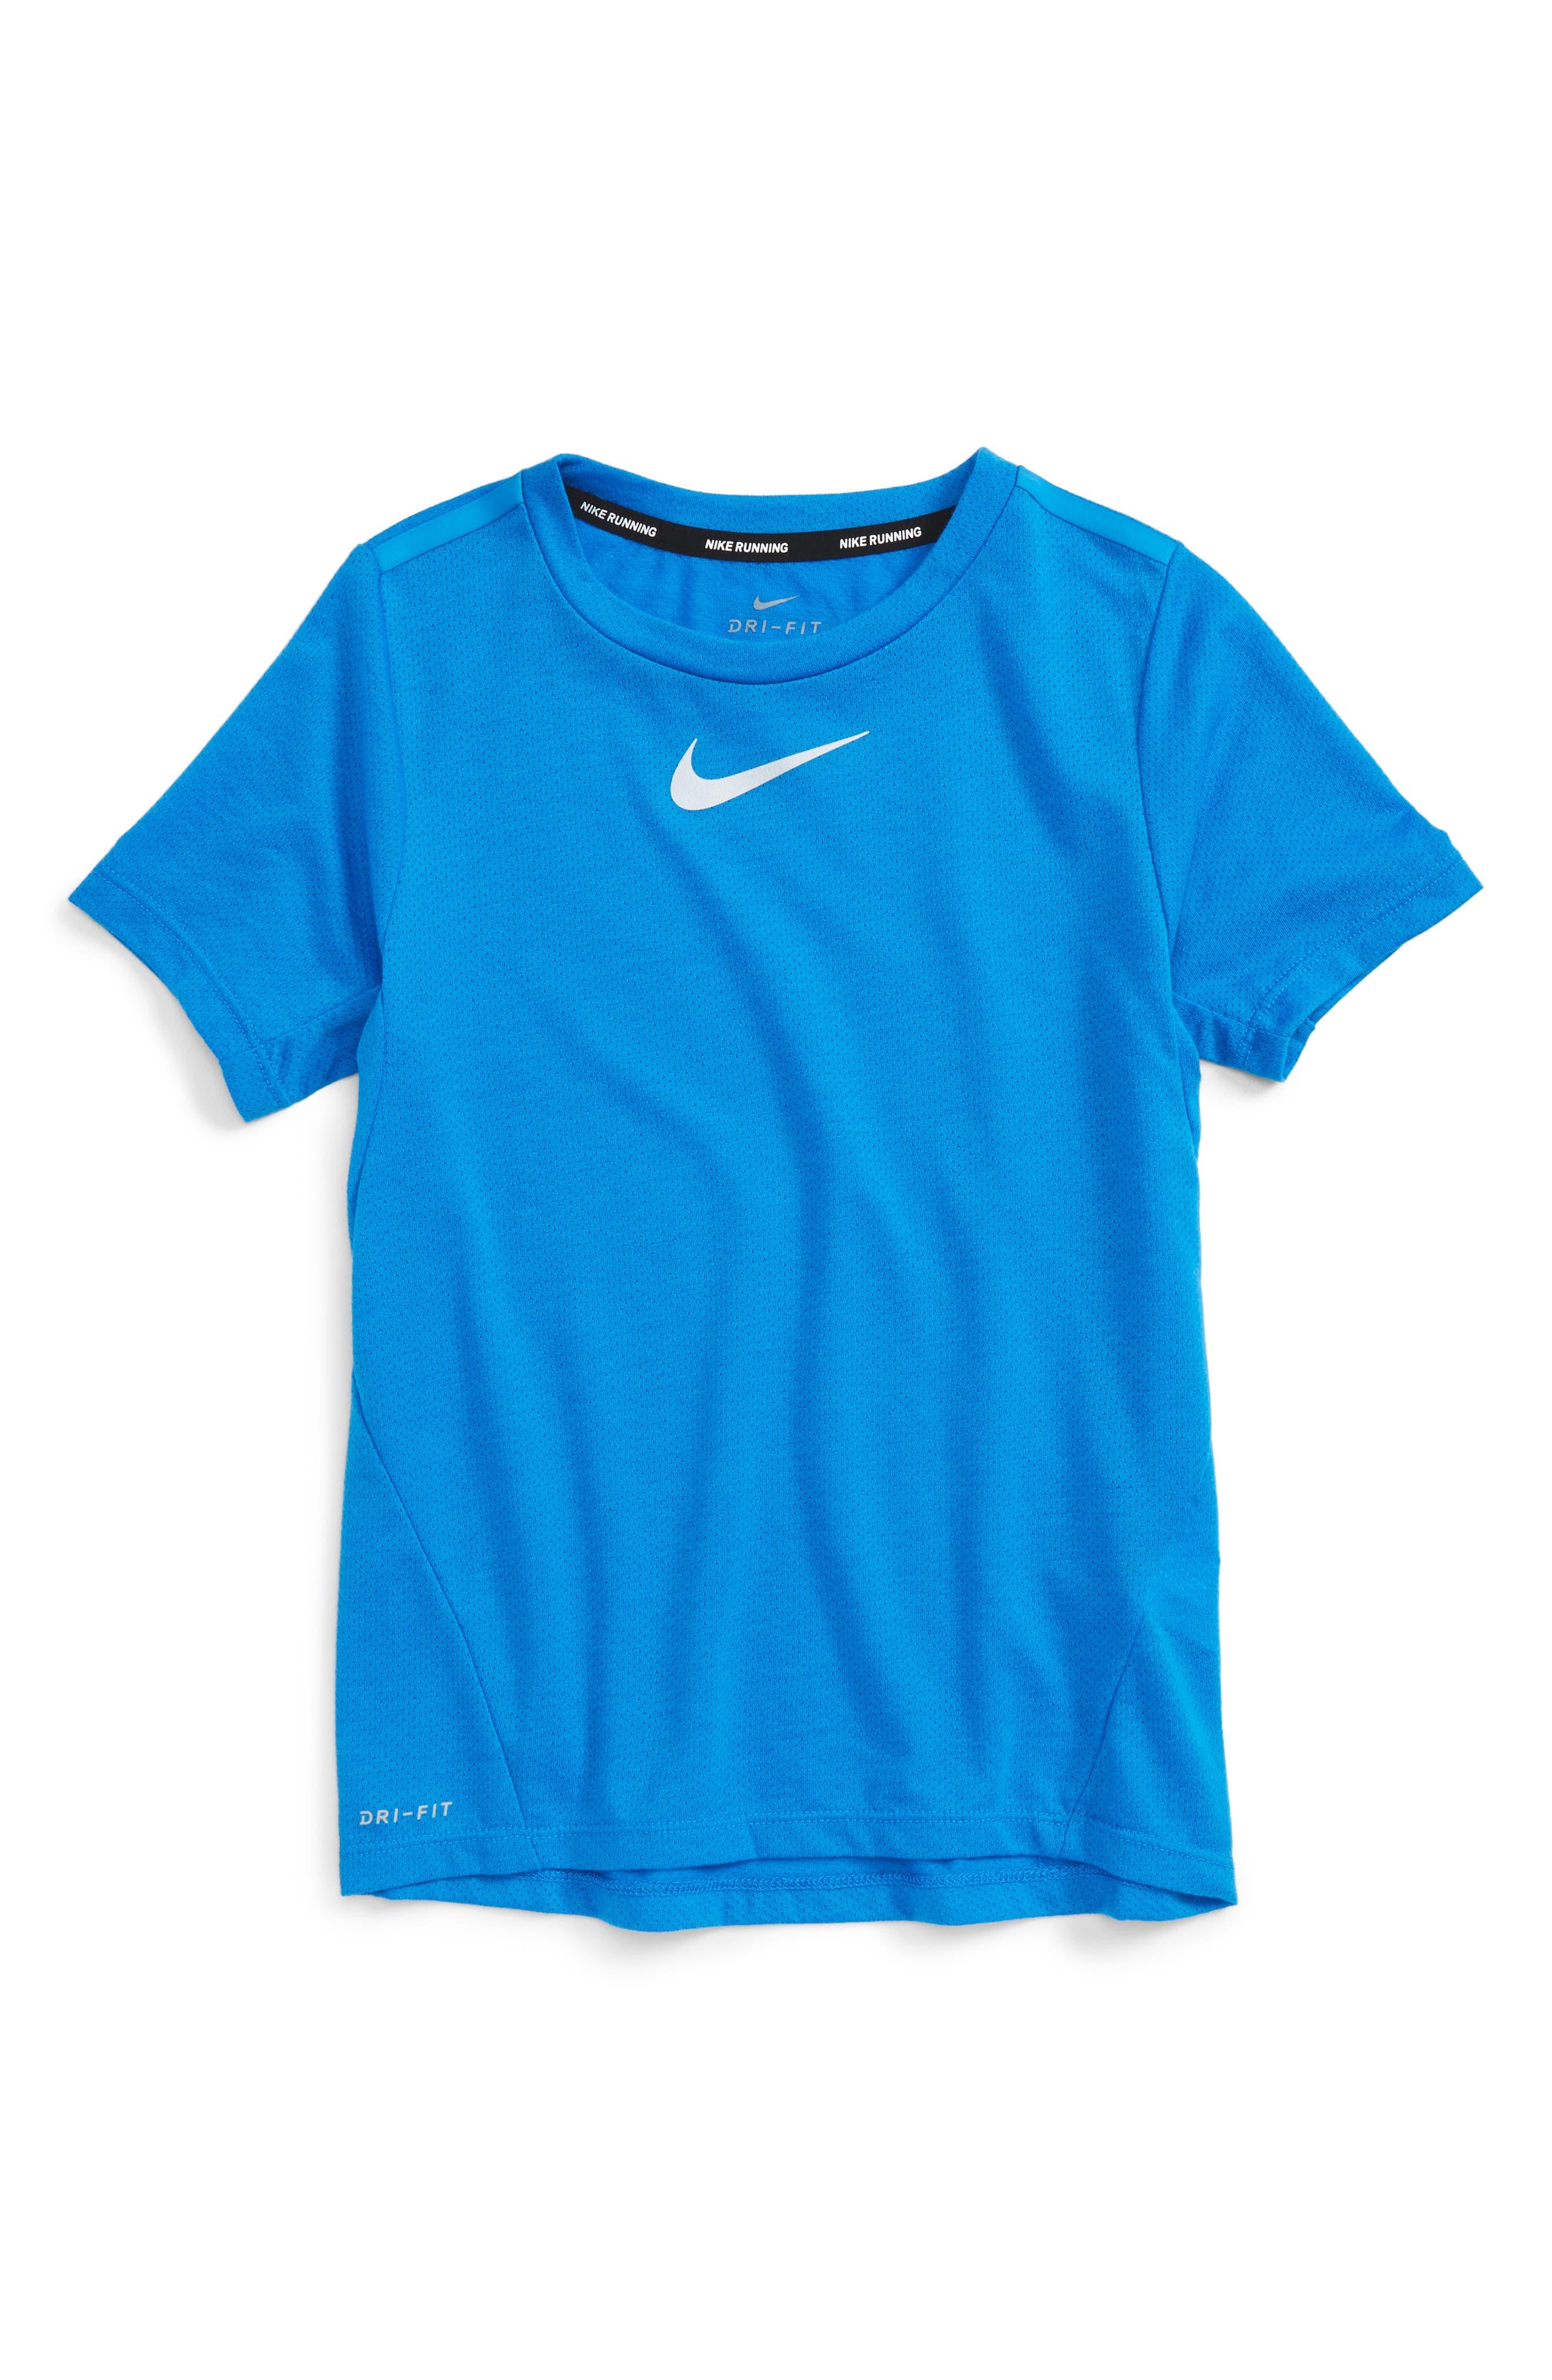 NIKE Tailwind Dri-FIT T-Shirt